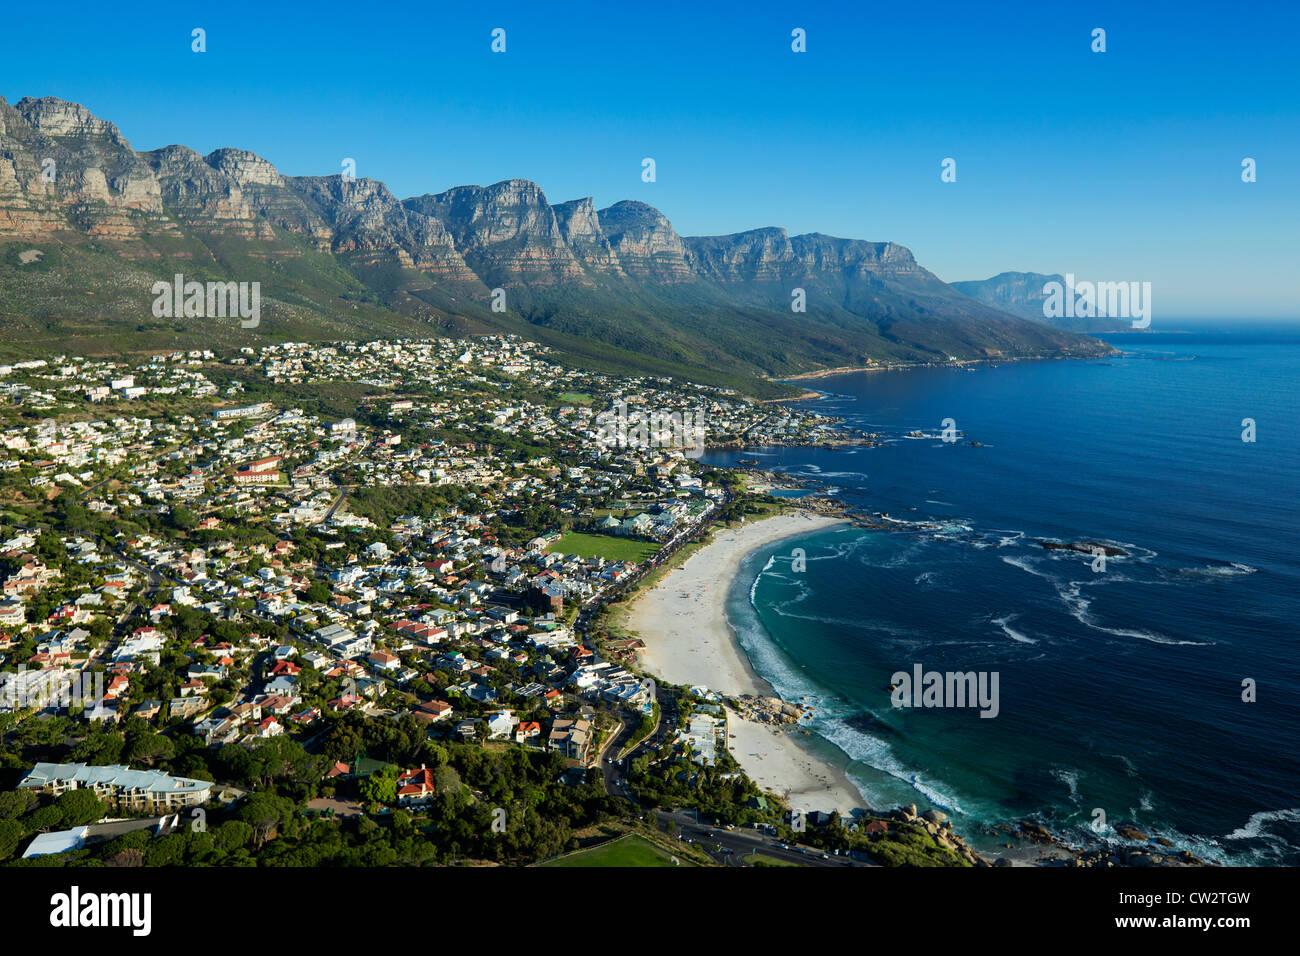 Vista aerea di Camps Bay con la vista dei dodici Apostoli mountain range.Cape Town.Sud Africa Immagini Stock